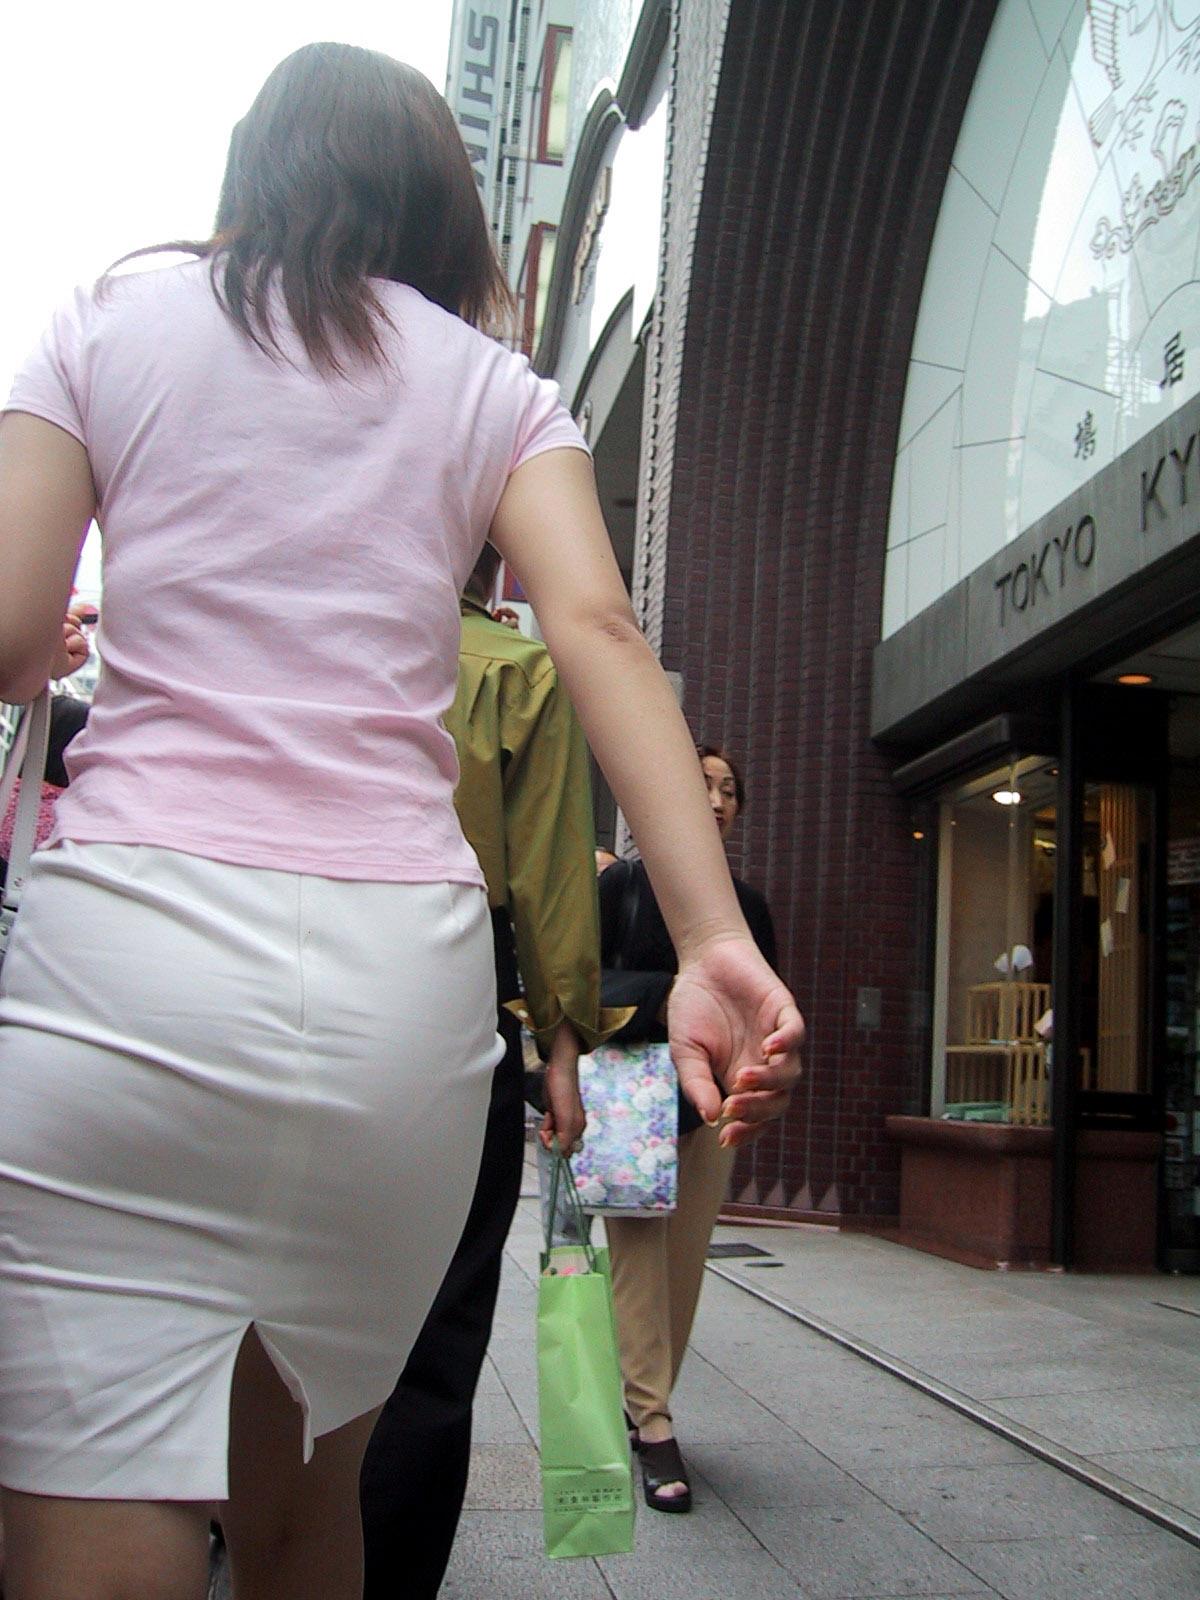 タイトスカートお尻パンティラインOLエロ画像7枚目